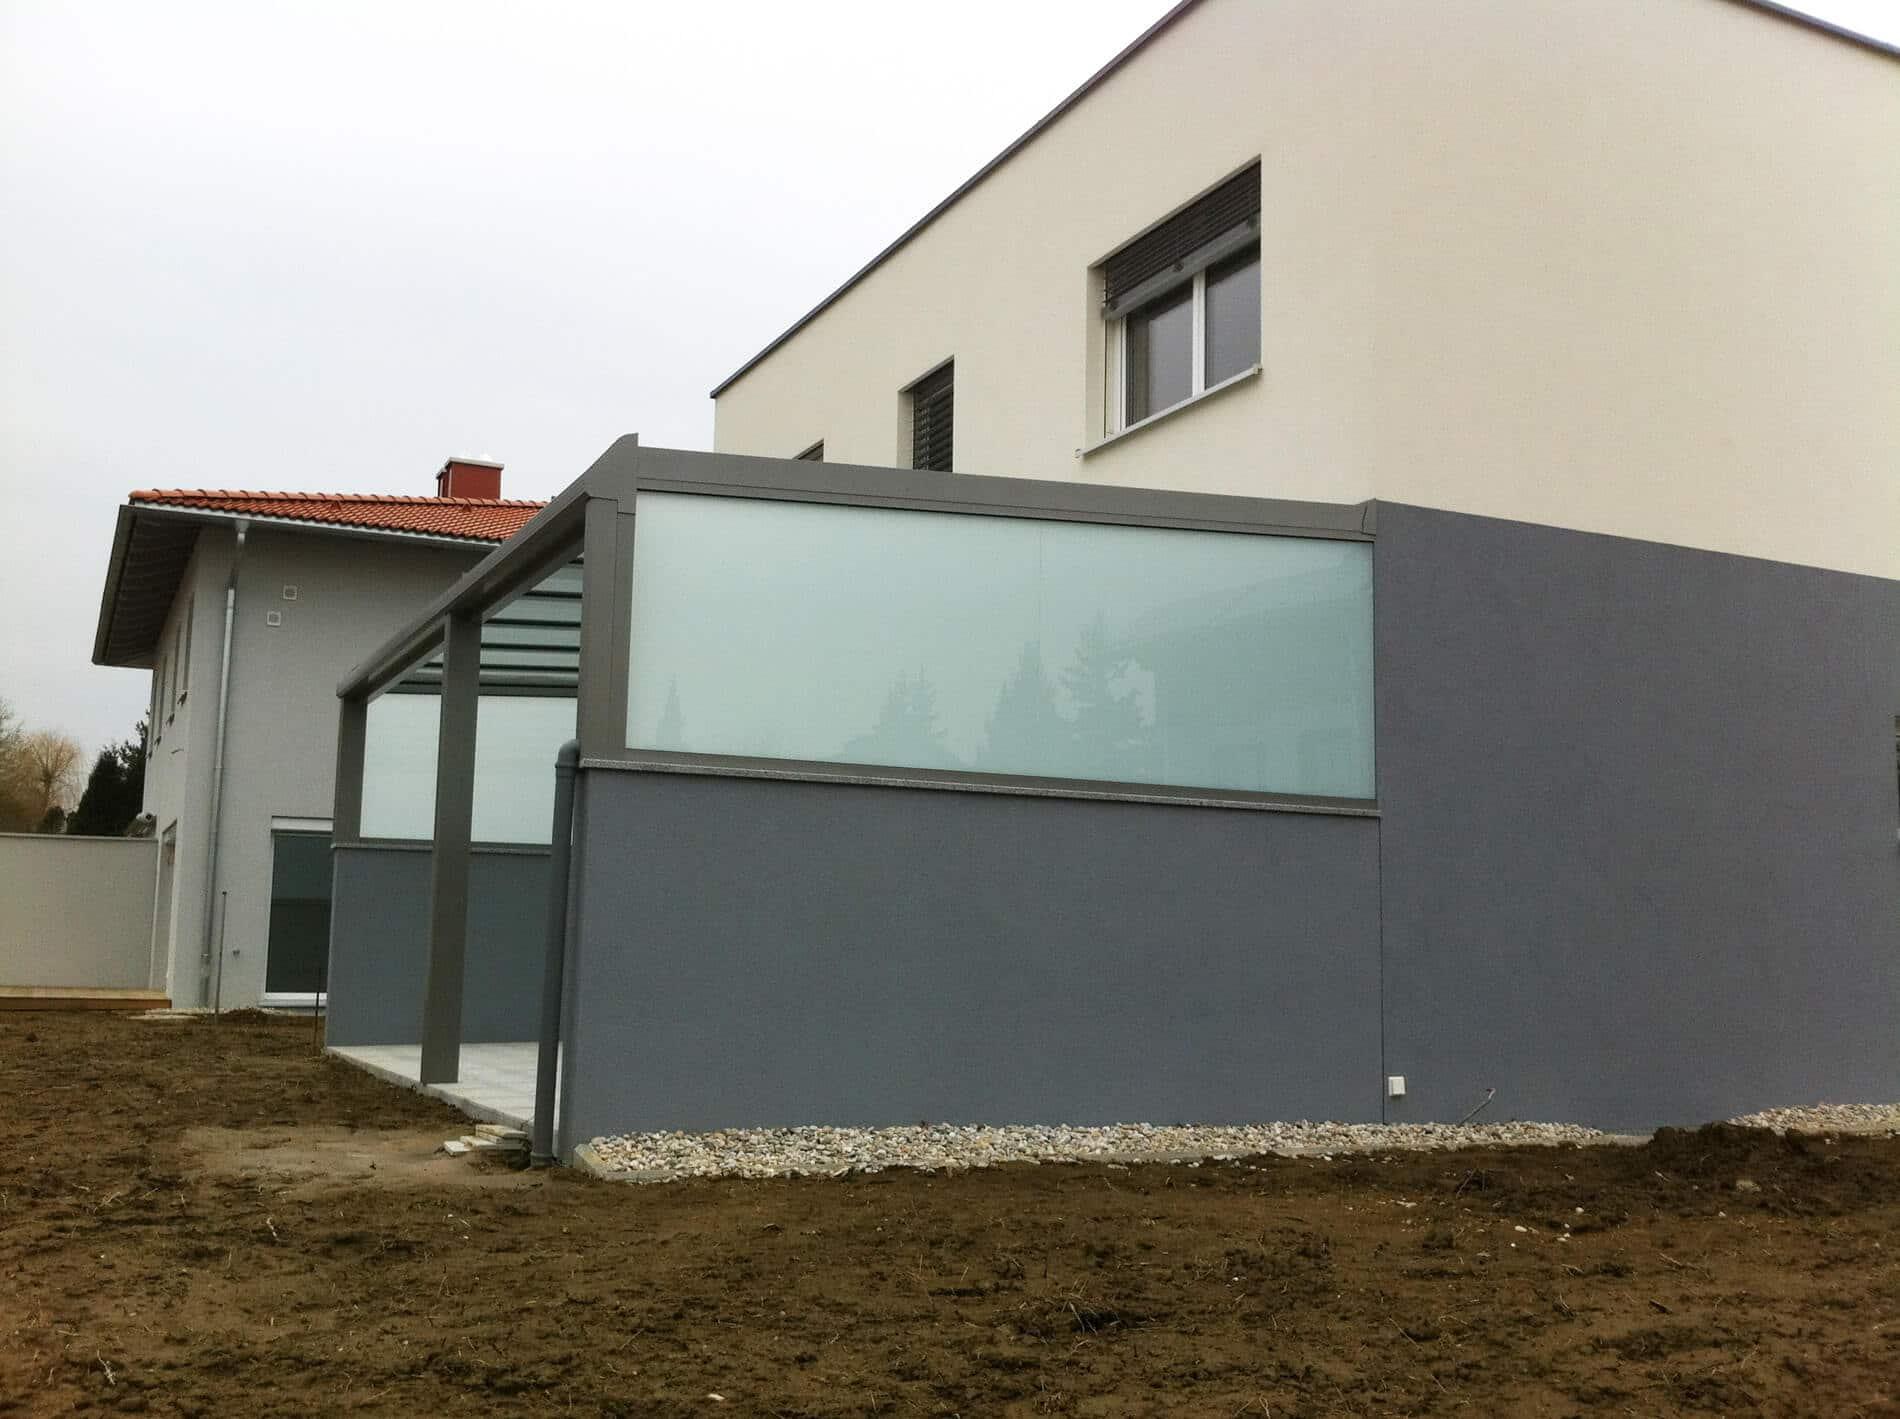 Überdachung mit Sichtschutz